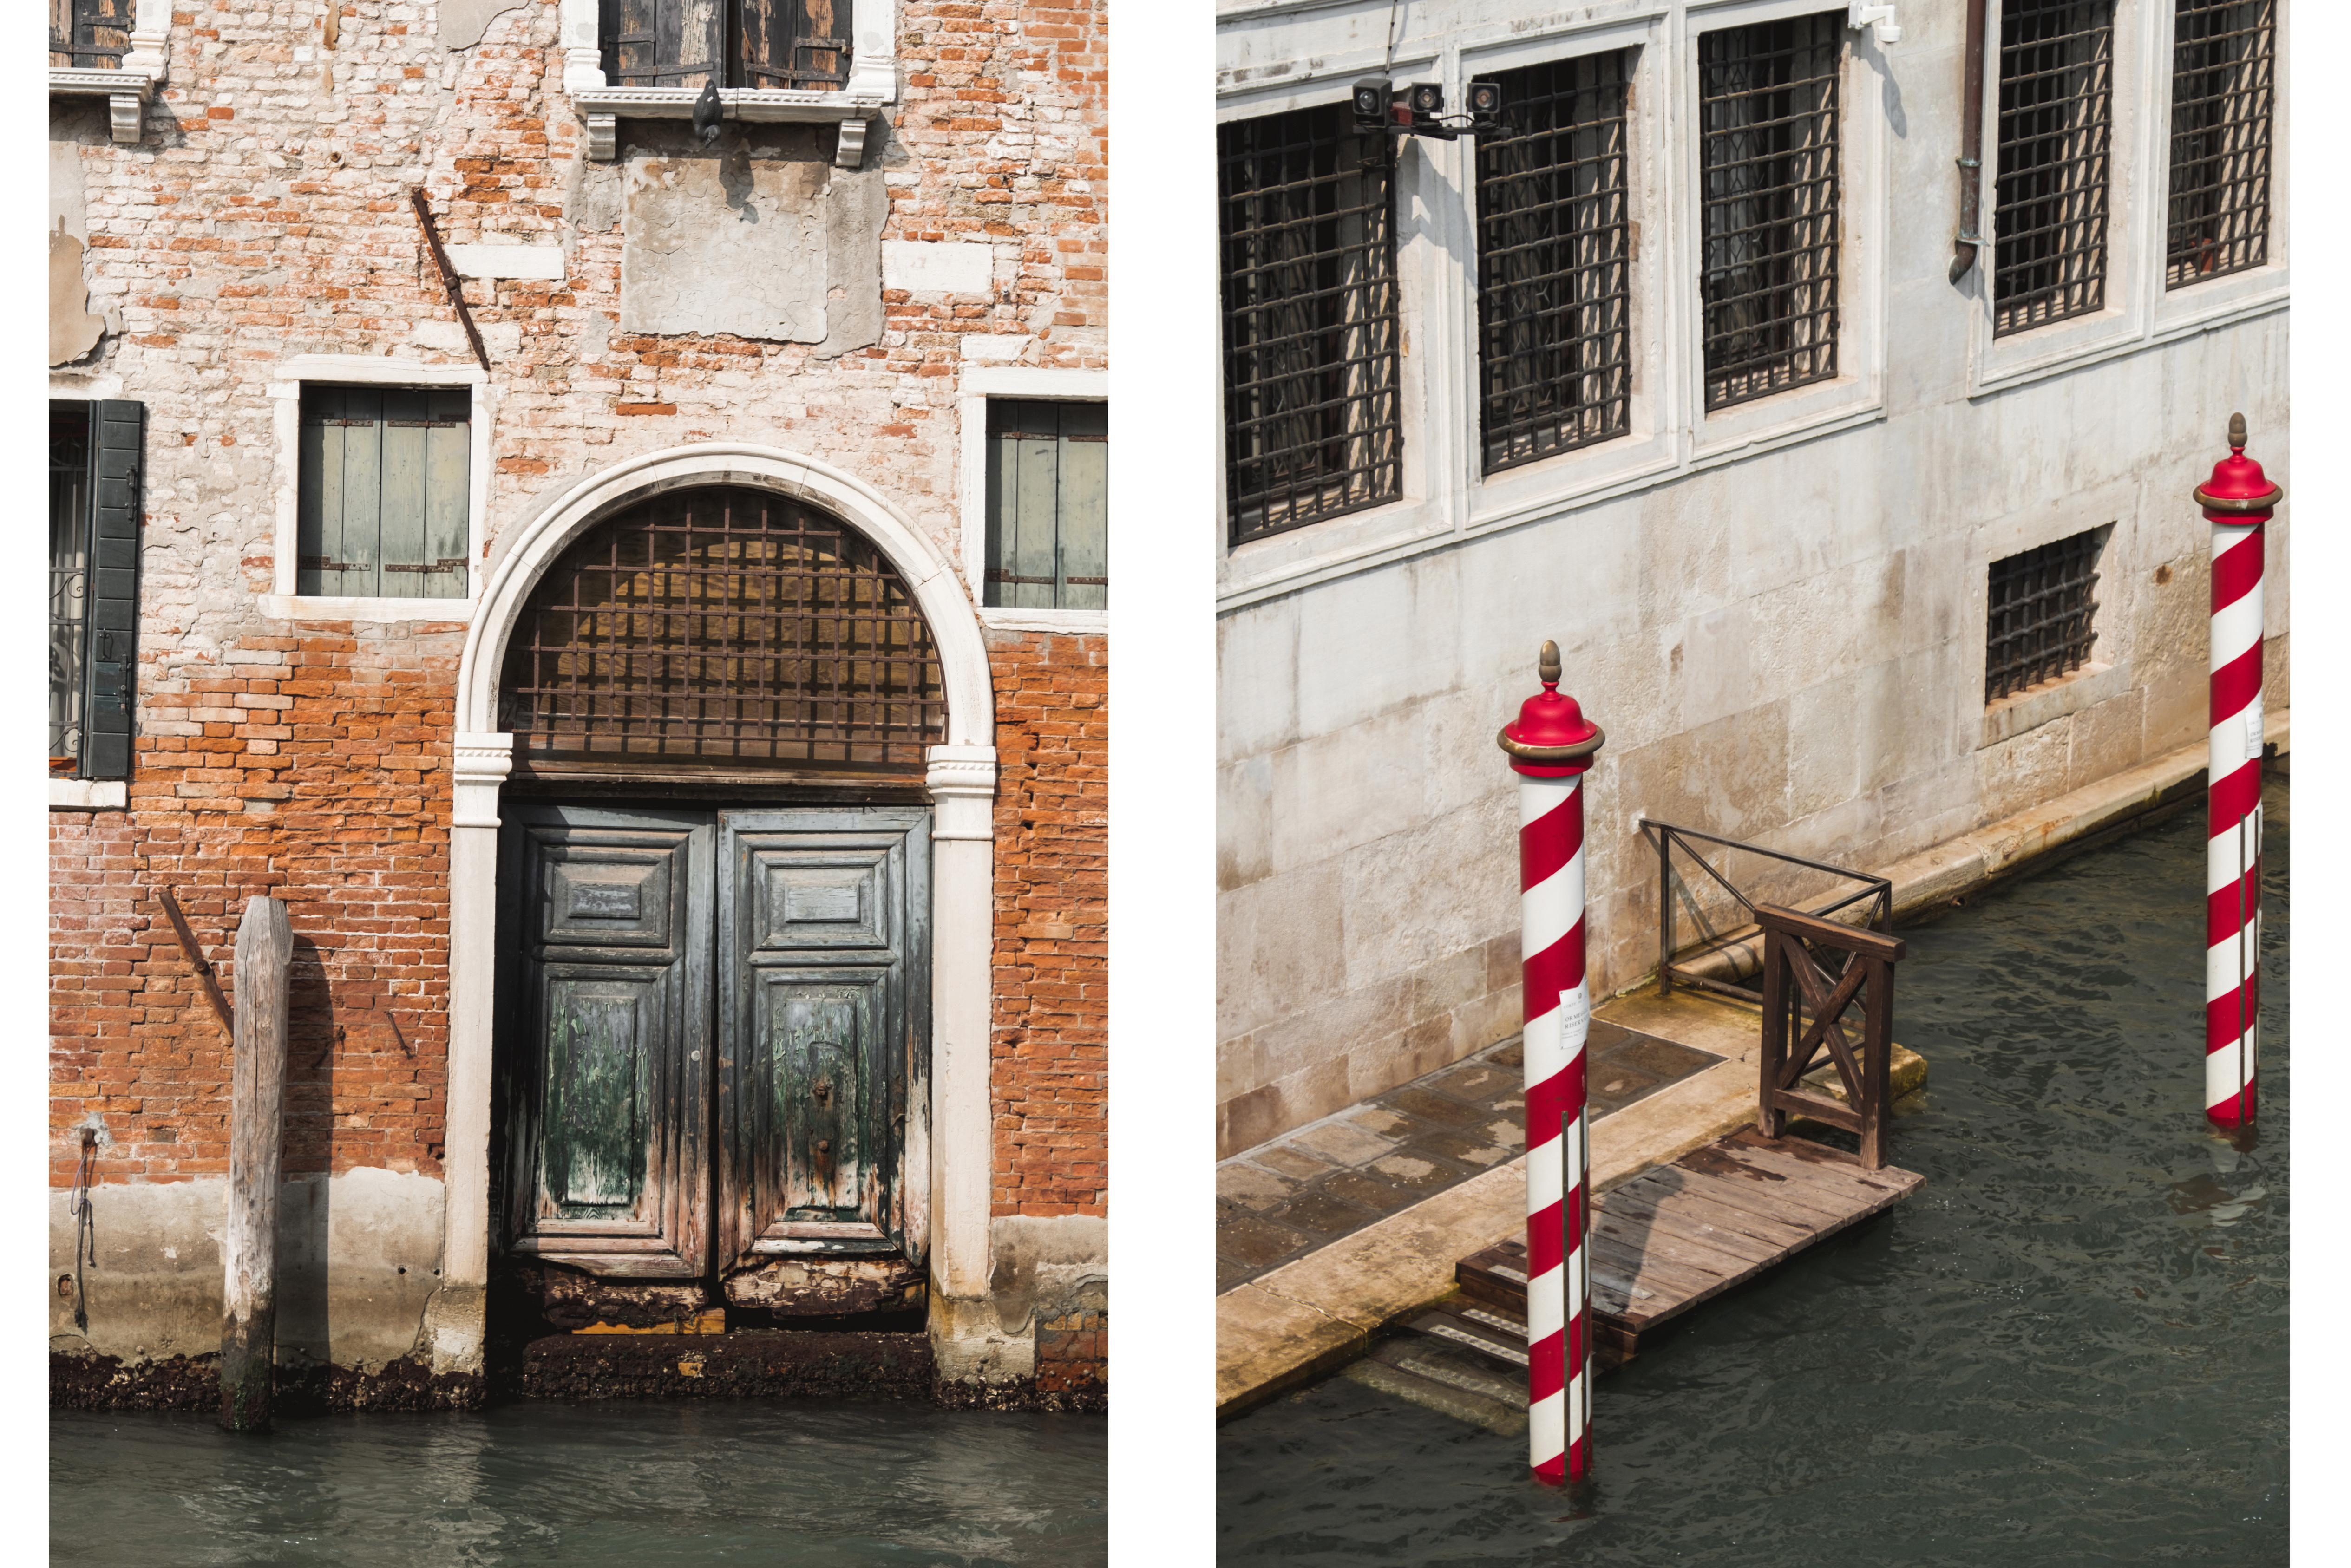 Une journee a Venise -rues